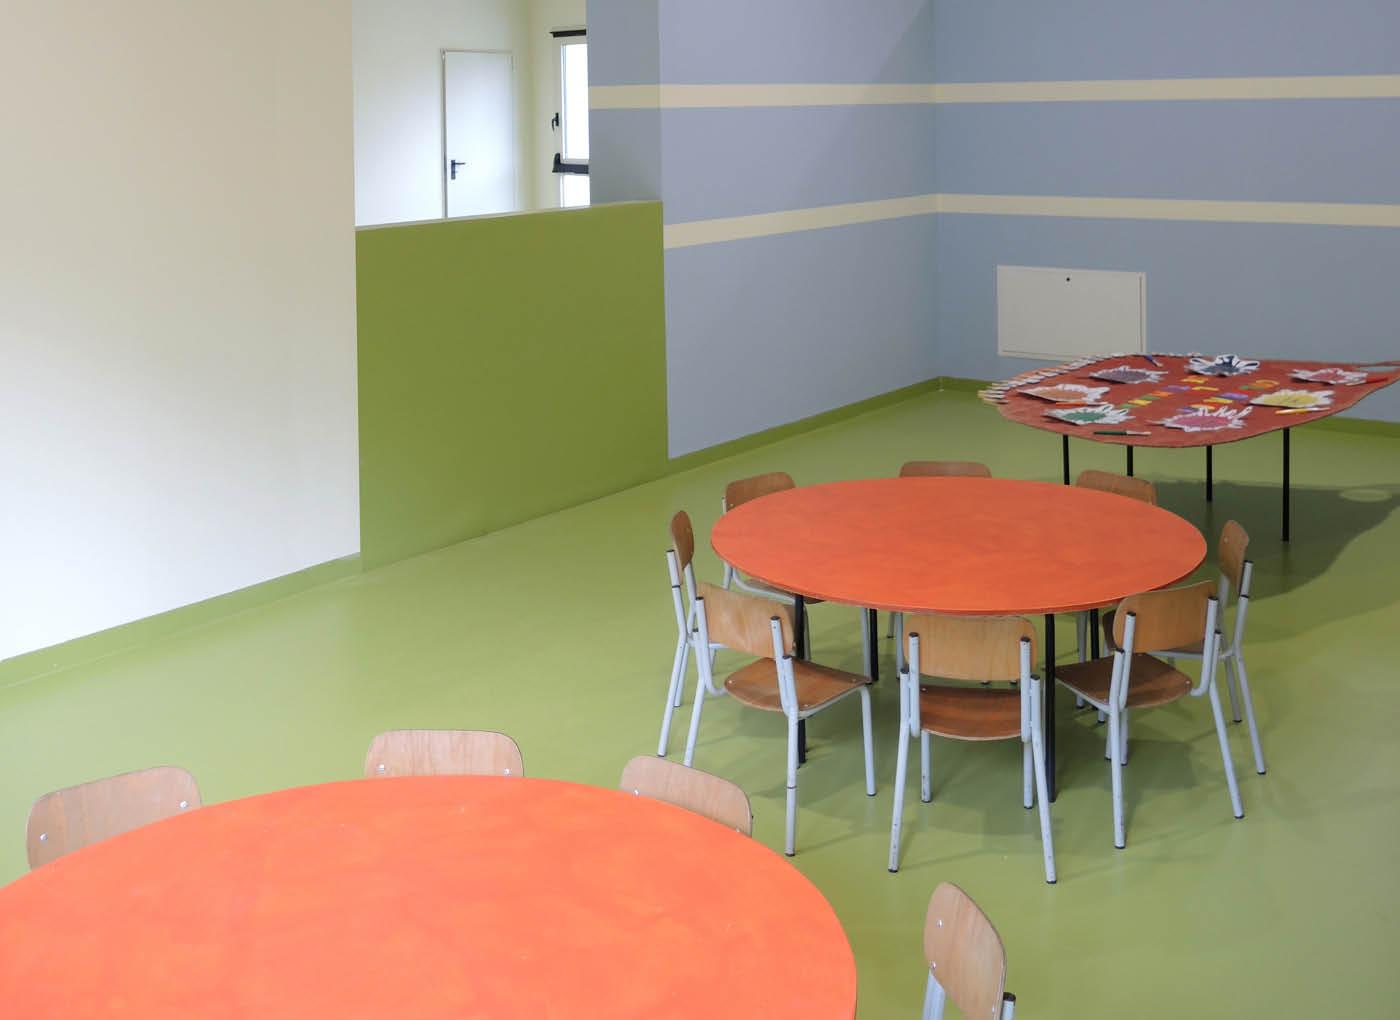 scuola-ungaretti-coreglia-ristrutturazione-solai-interpiano-8